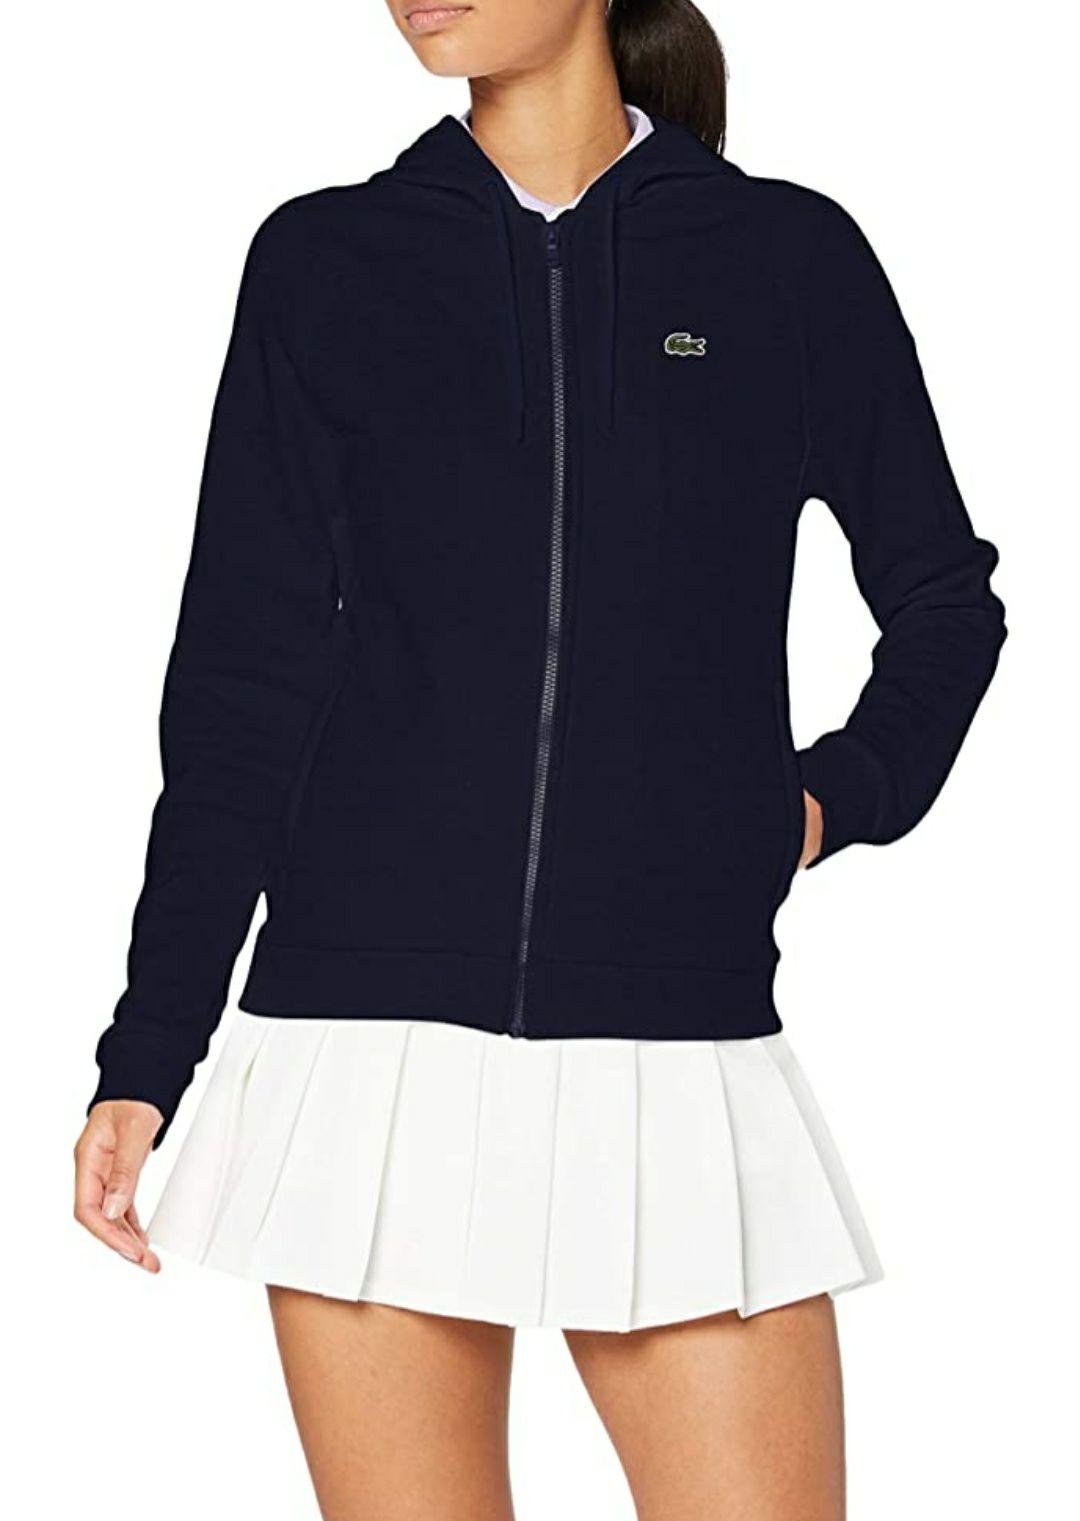 Sweater à capuche Femme Lacoste - Tailles au choix